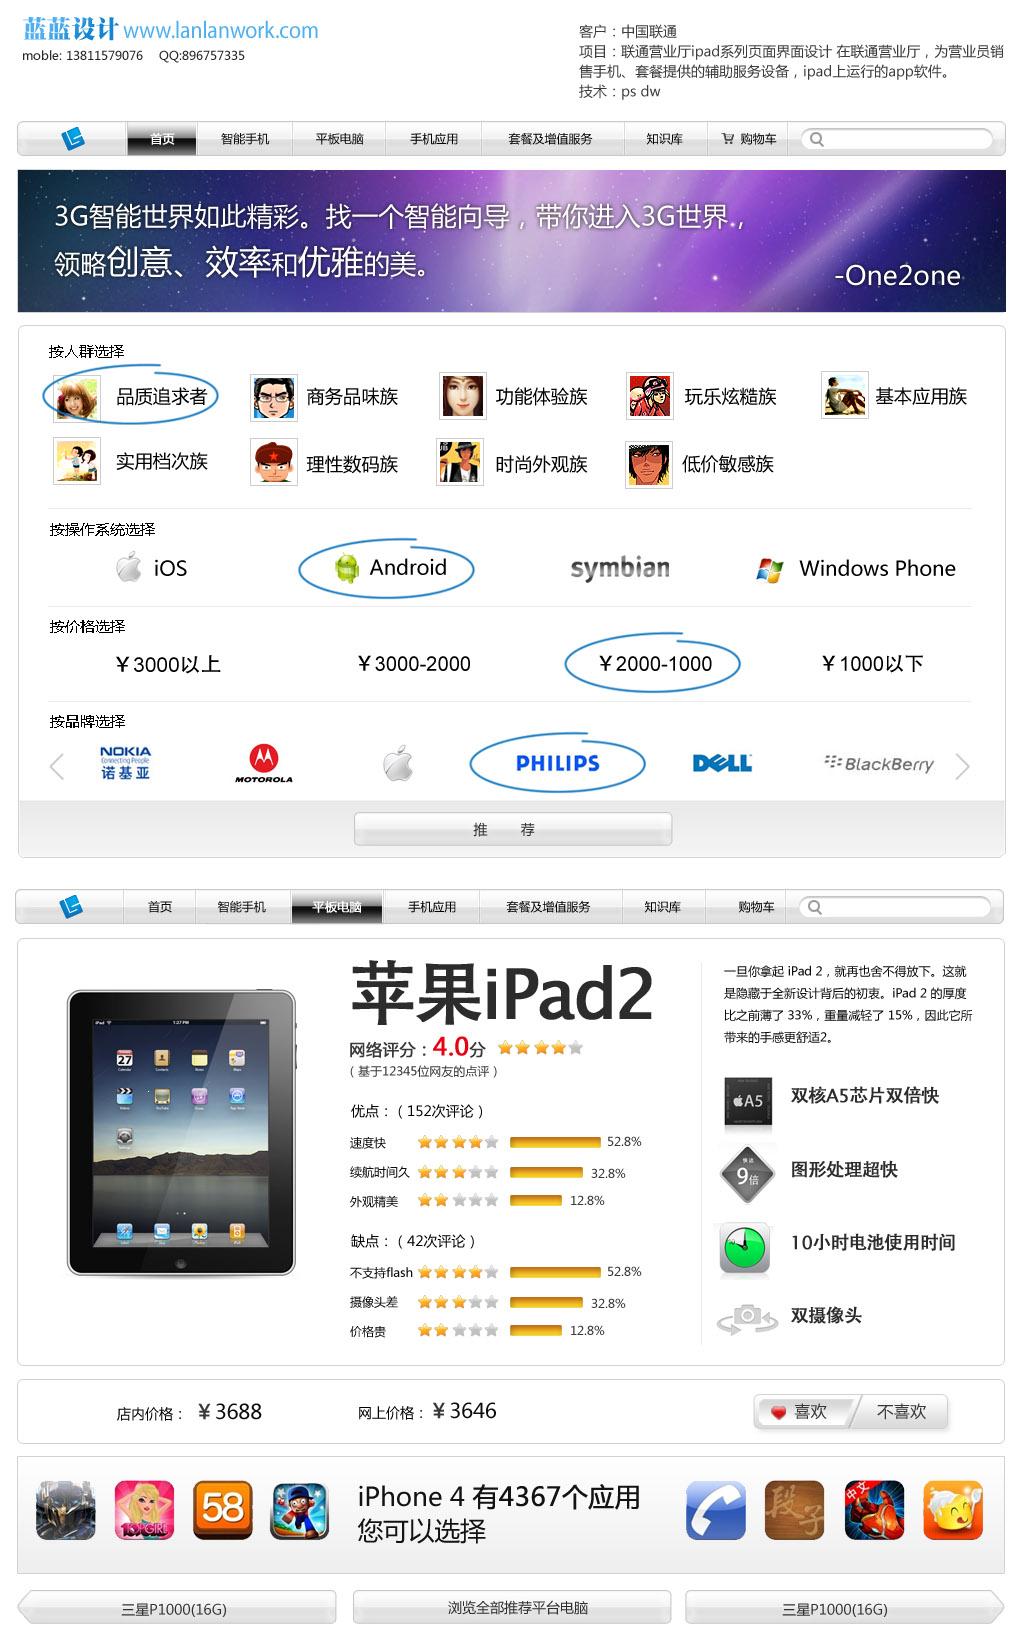 蓝蓝设计 中国联通终端销售ipad界面设计设计案例